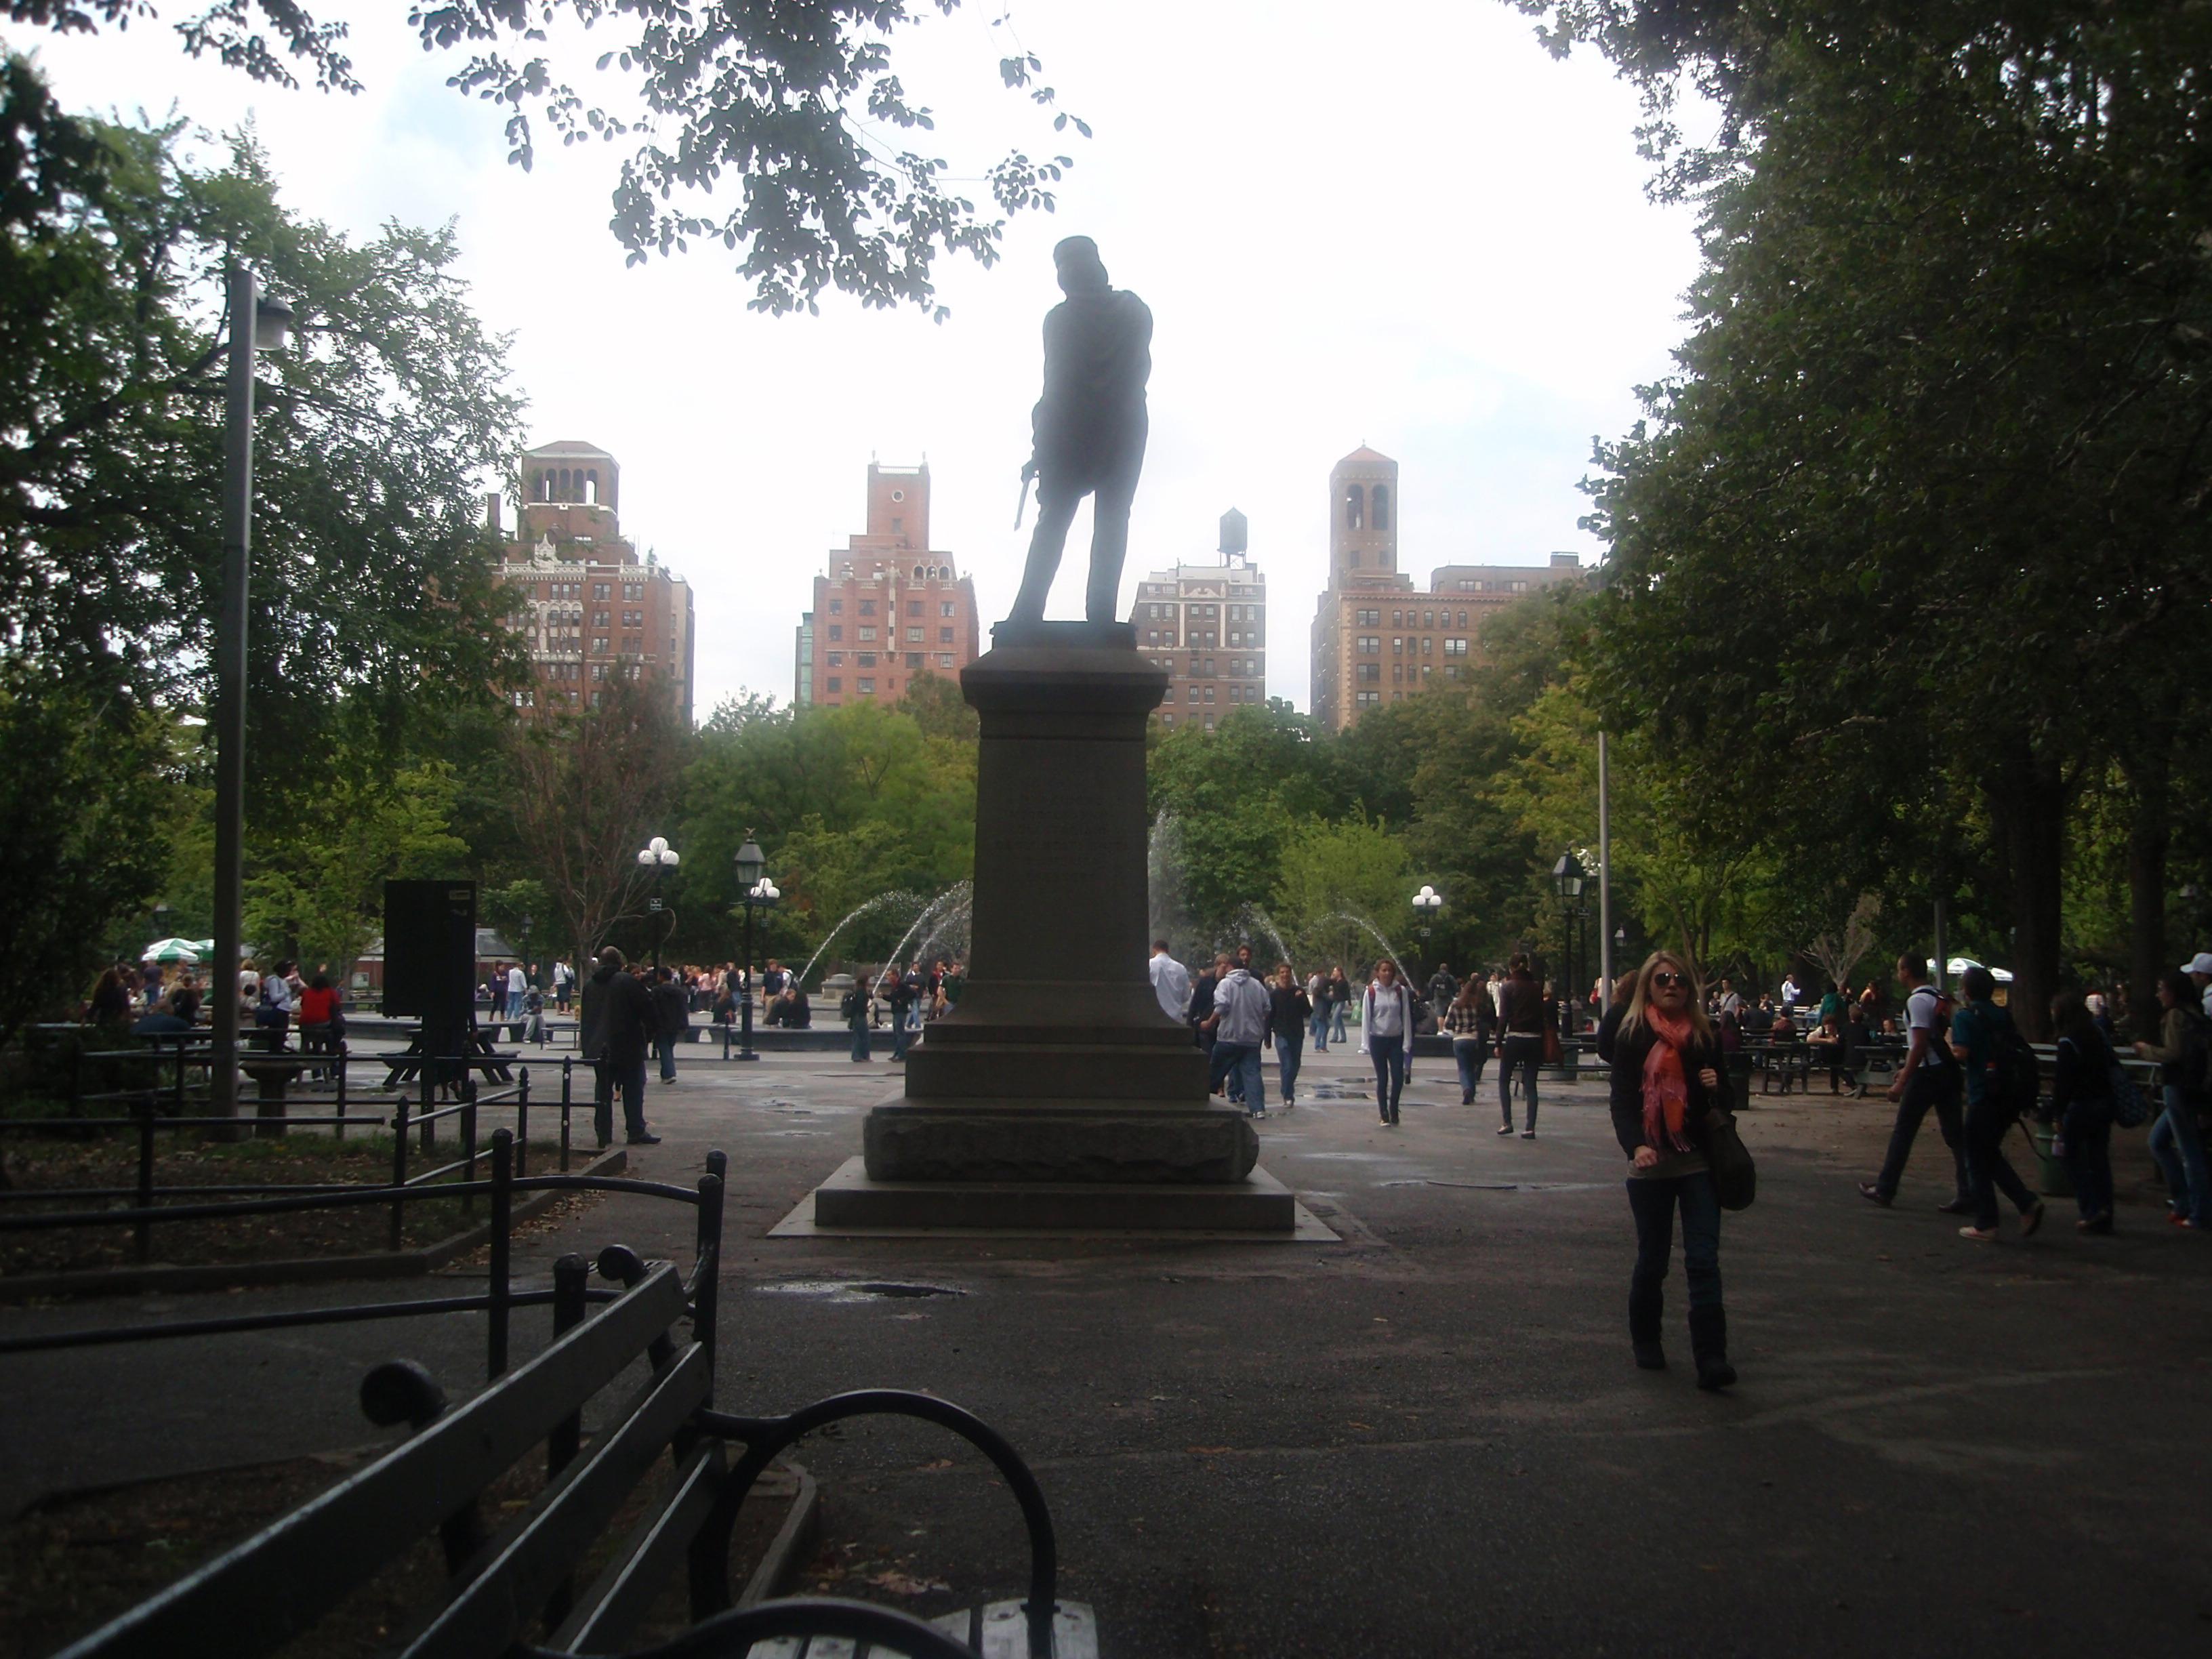 Behind Garibaldi